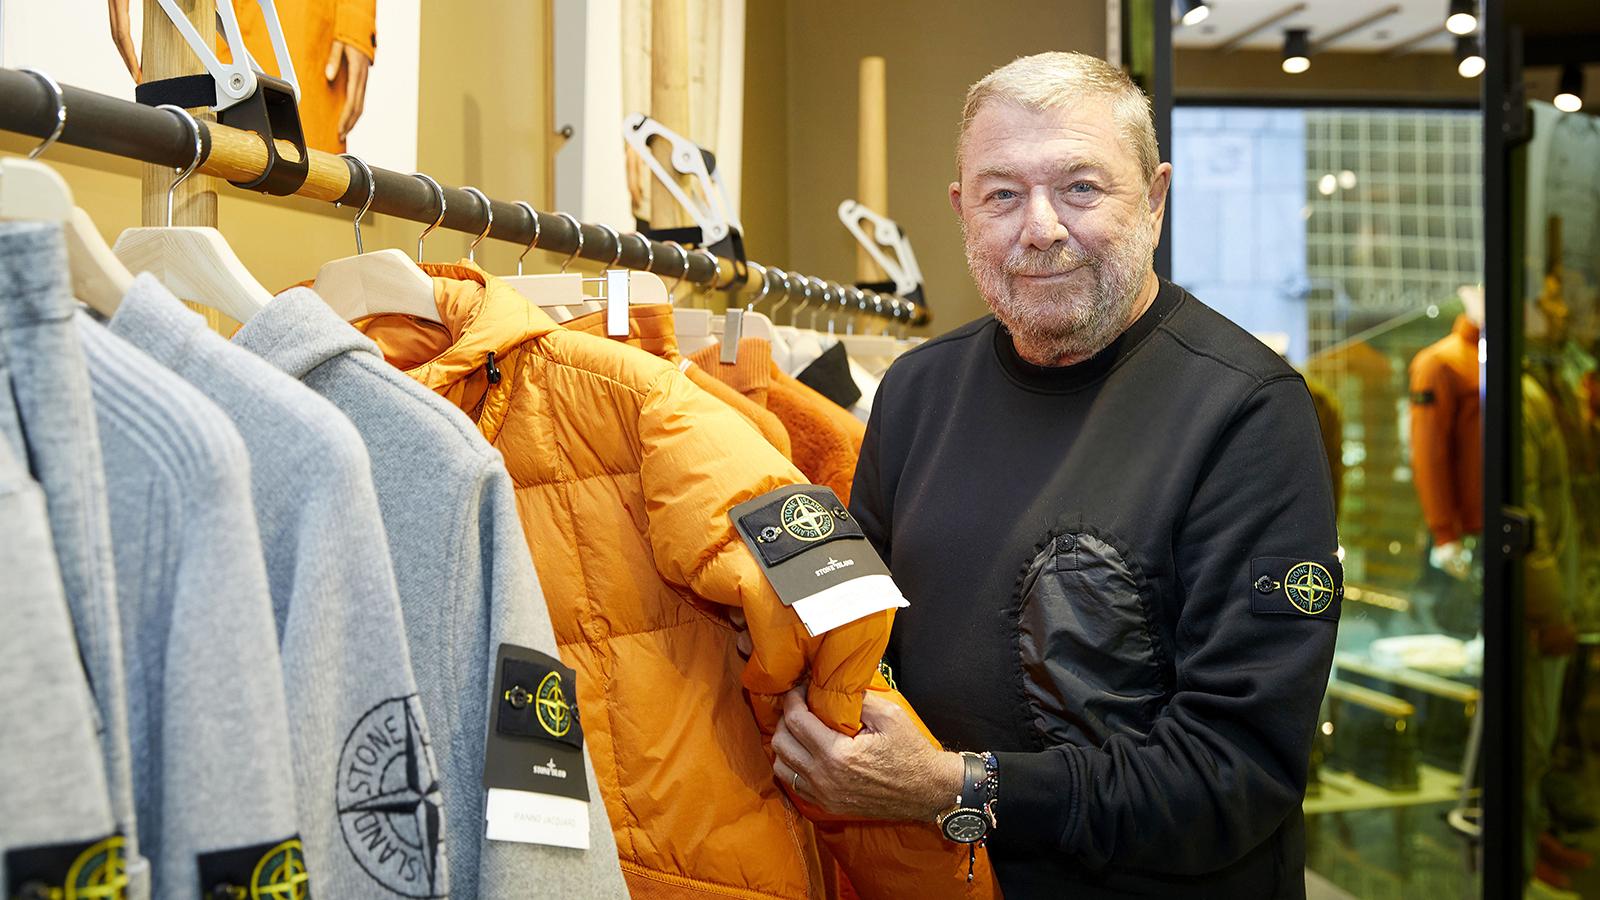 스톤아일랜드의 CEO 카를로 리베티를 만났다. 브랜드의 혁신성이 어디에서 오는 지 알 것 같았다.